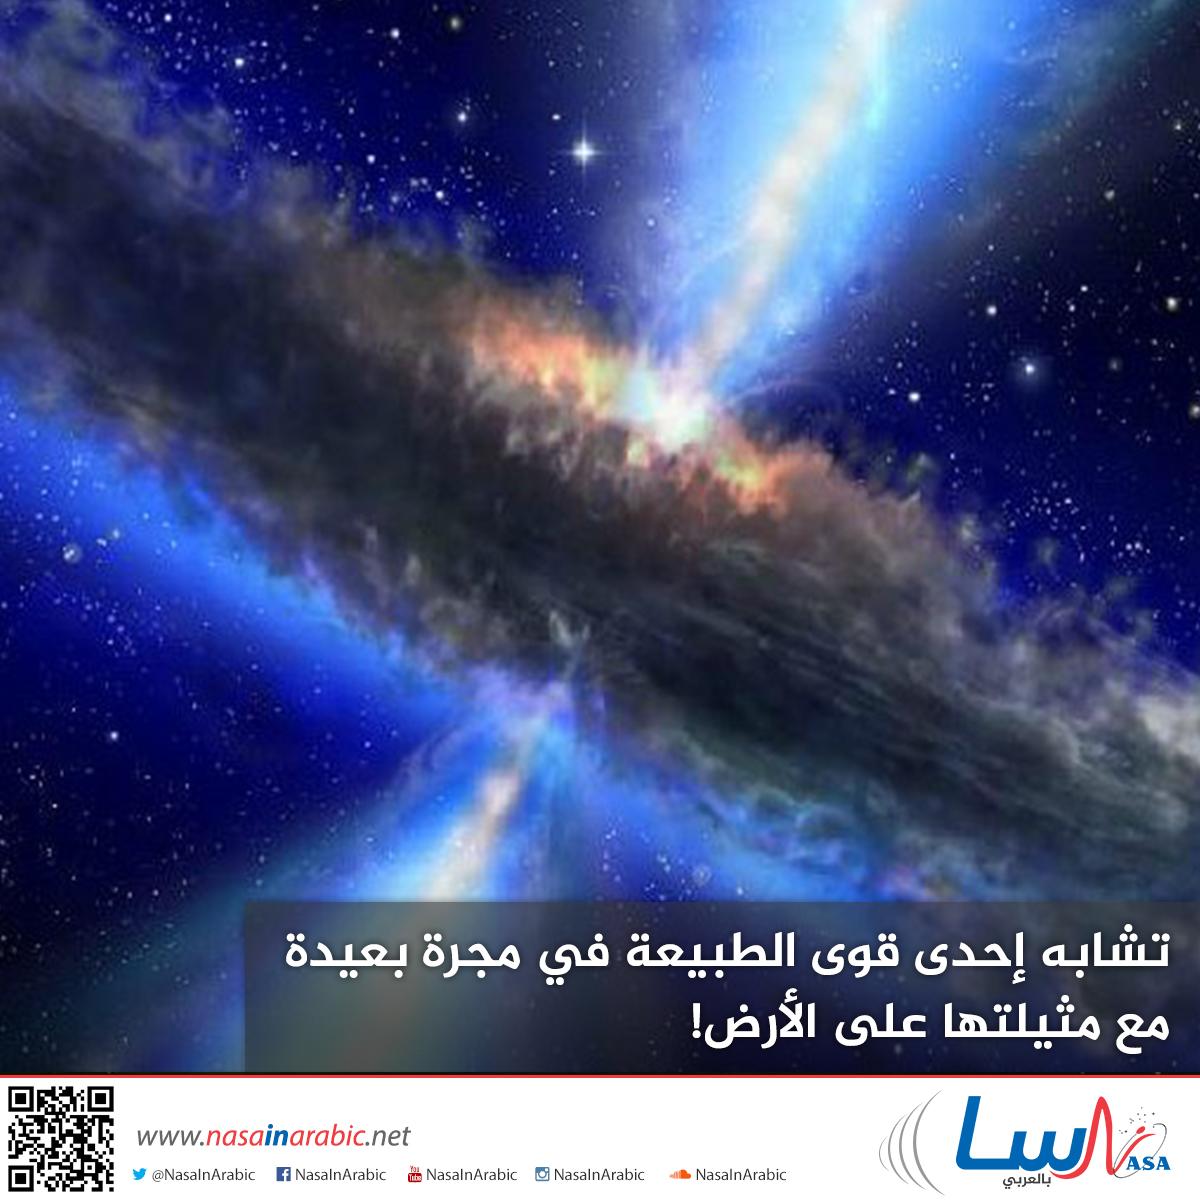 تشابه إحدى قوى الطبيعة في مجرة بعيدة مع مثيلتها على الأرض!